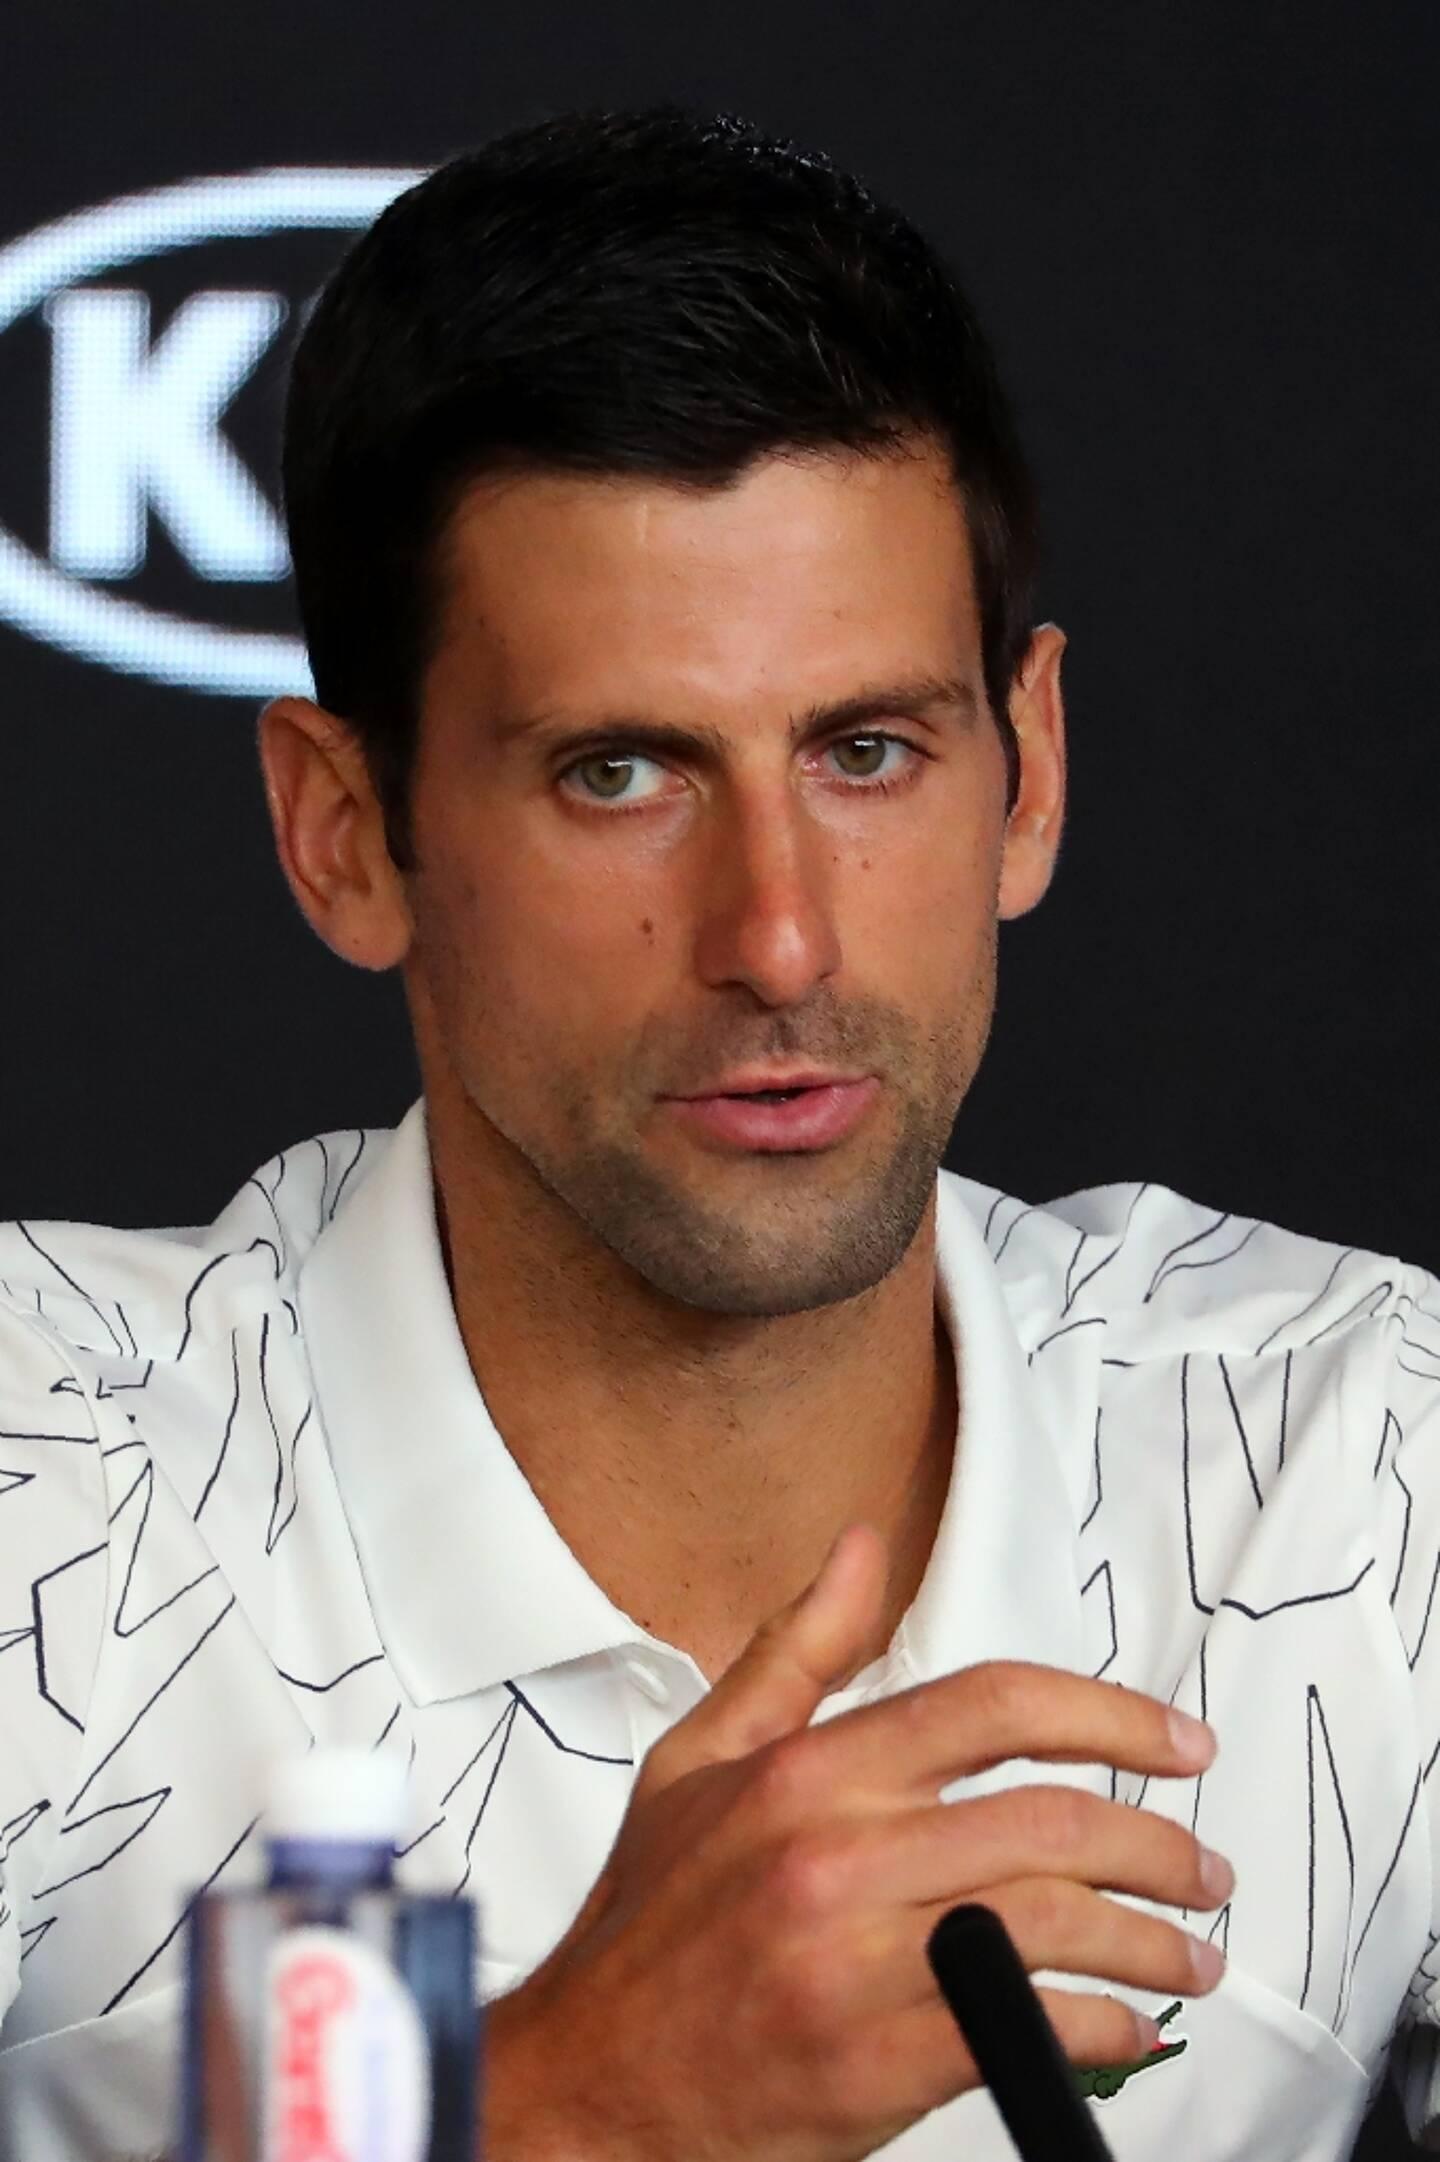 Le Serbe Novak Djokovic, lors d'une conférence de presse, le 19 janvier 2020 avant le début de l'Open d'Australie à Melbourne